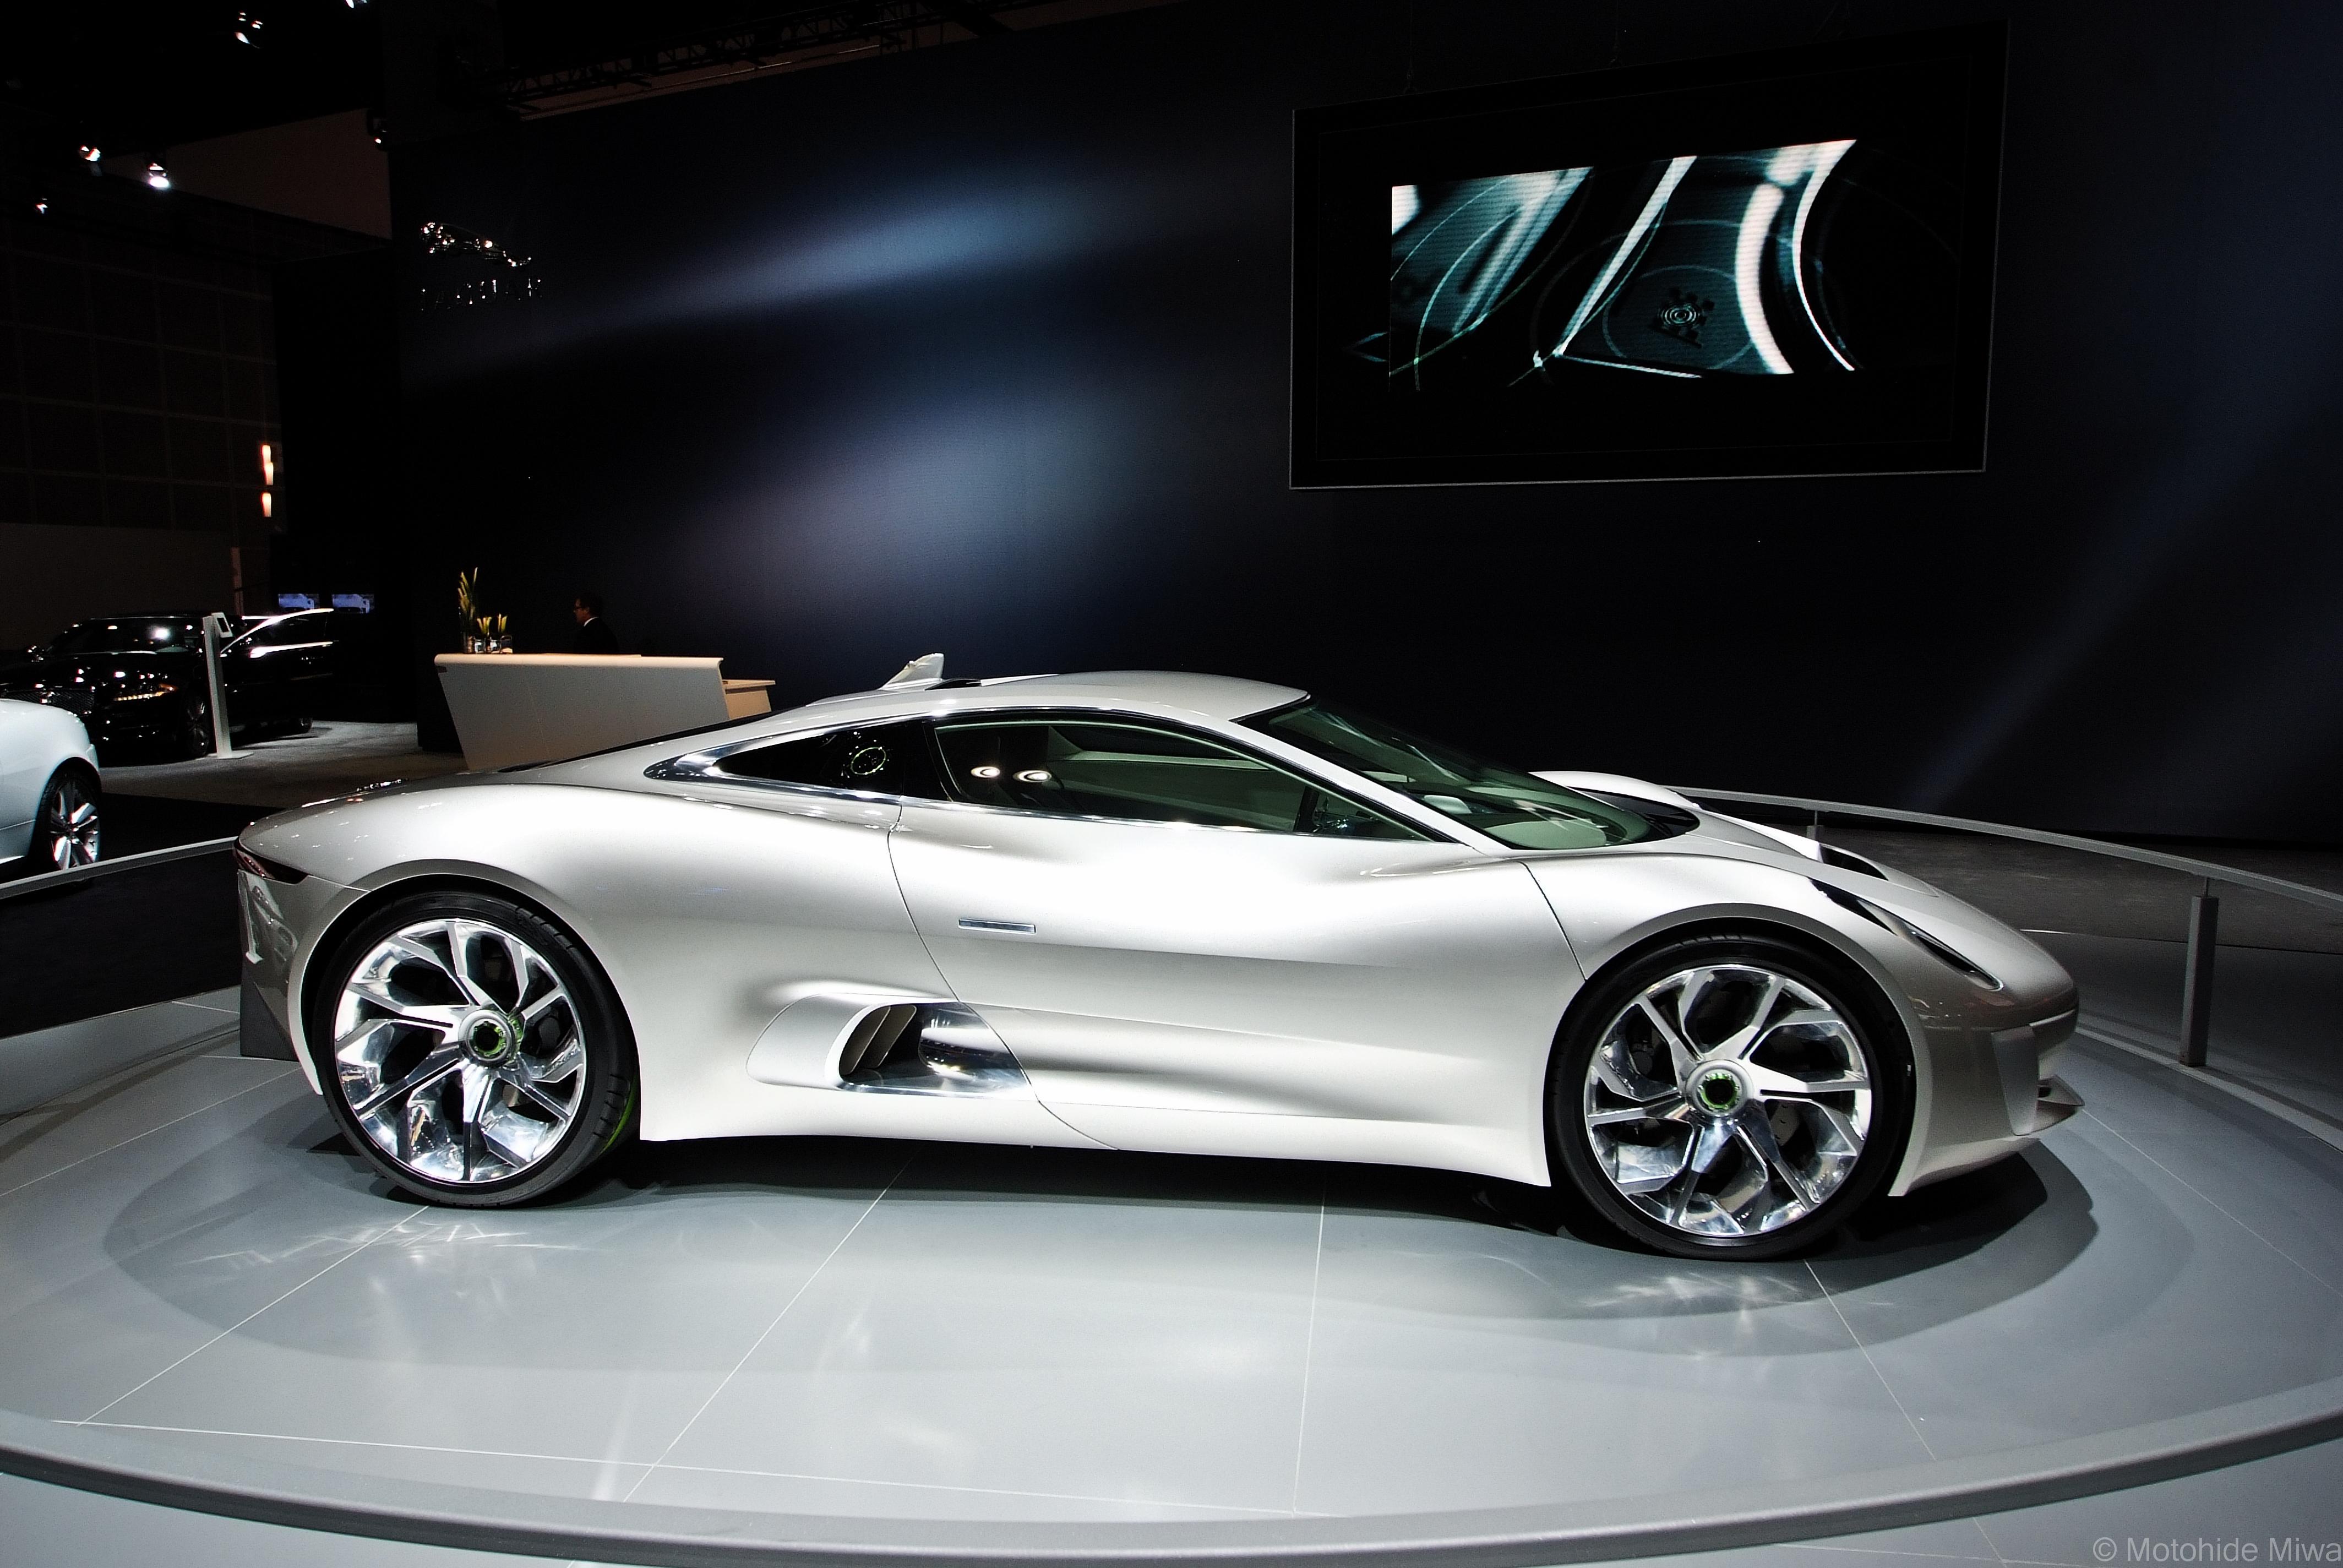 New Jaguar Car Images